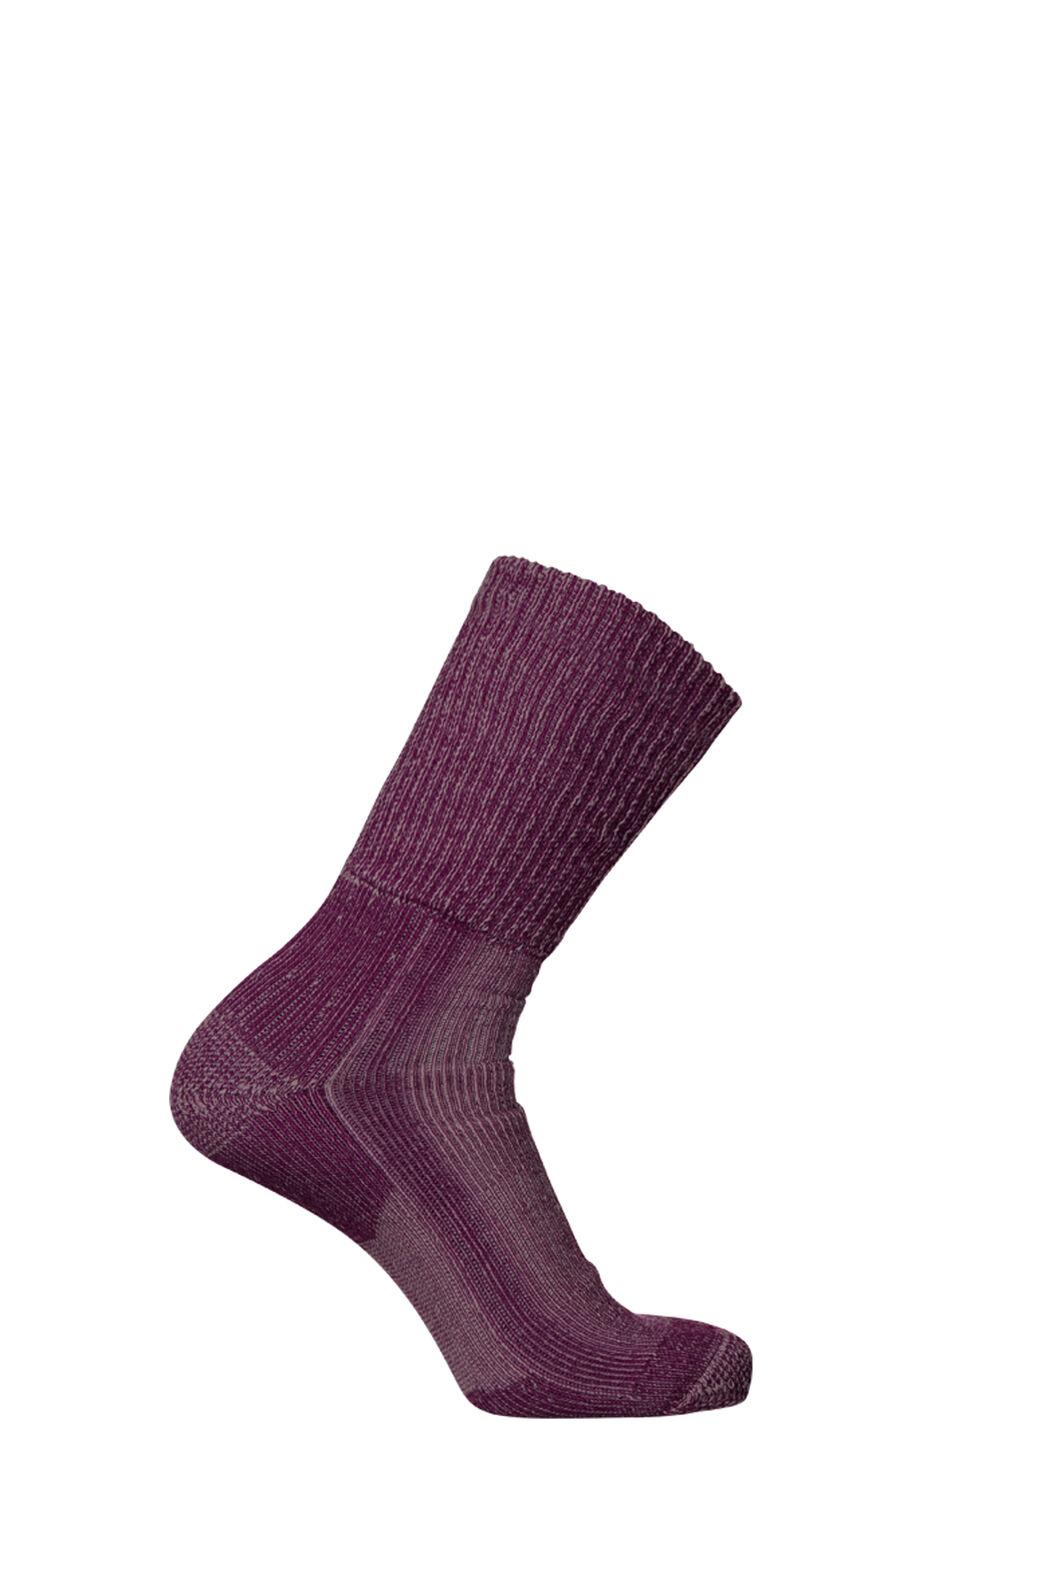 Macpac Winter Hiker Socks, Magenta, hi-res